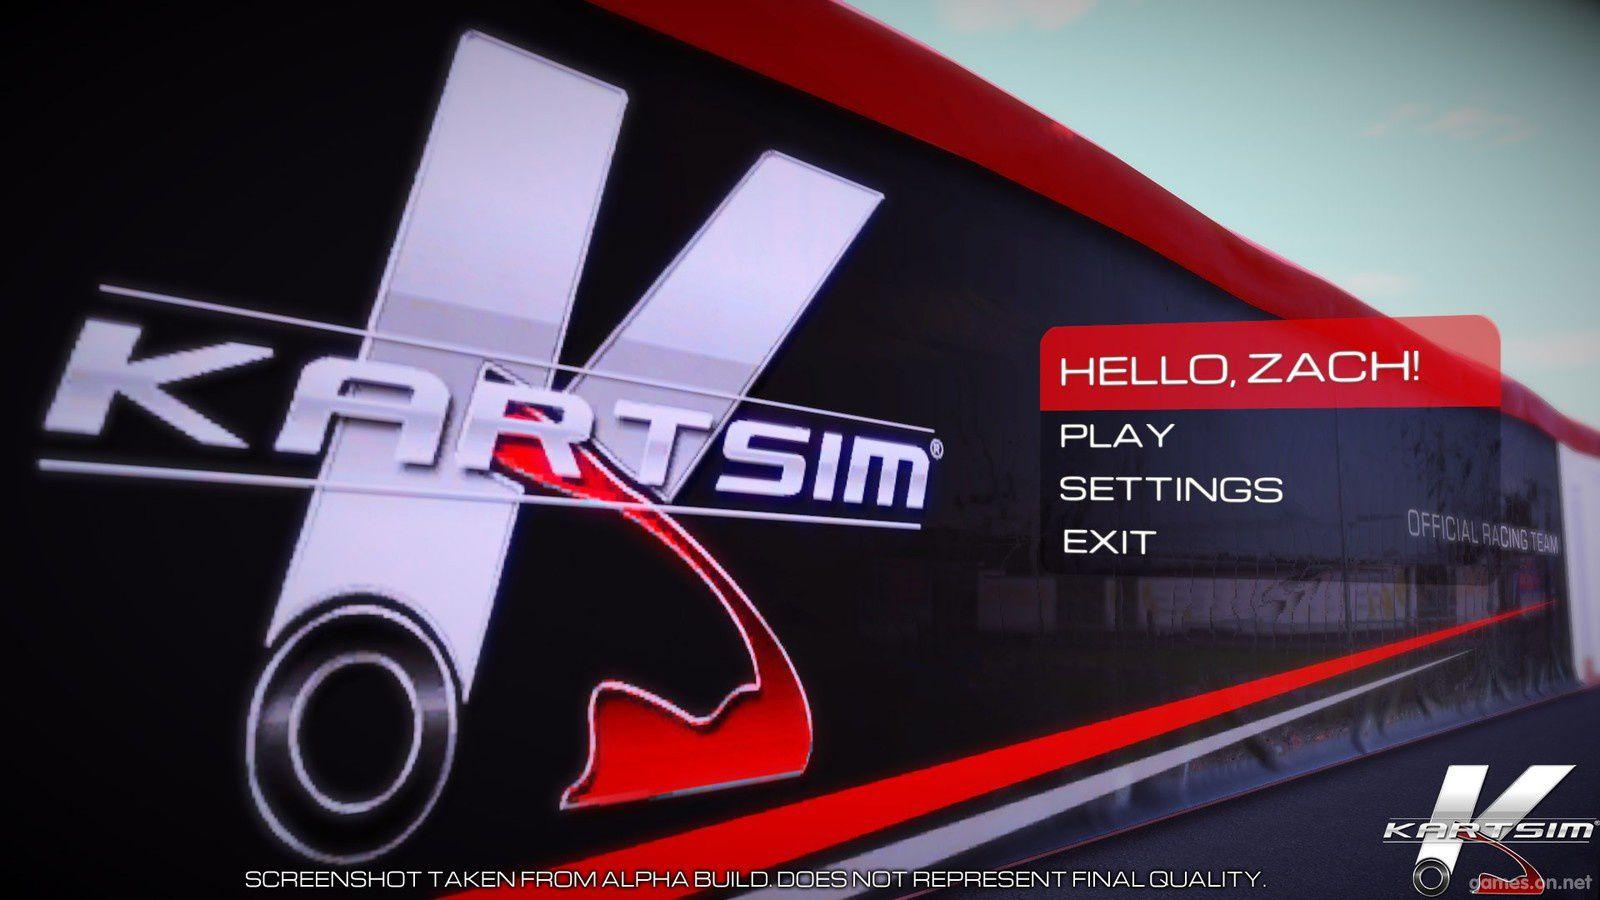 Des nouvelles de KartSim